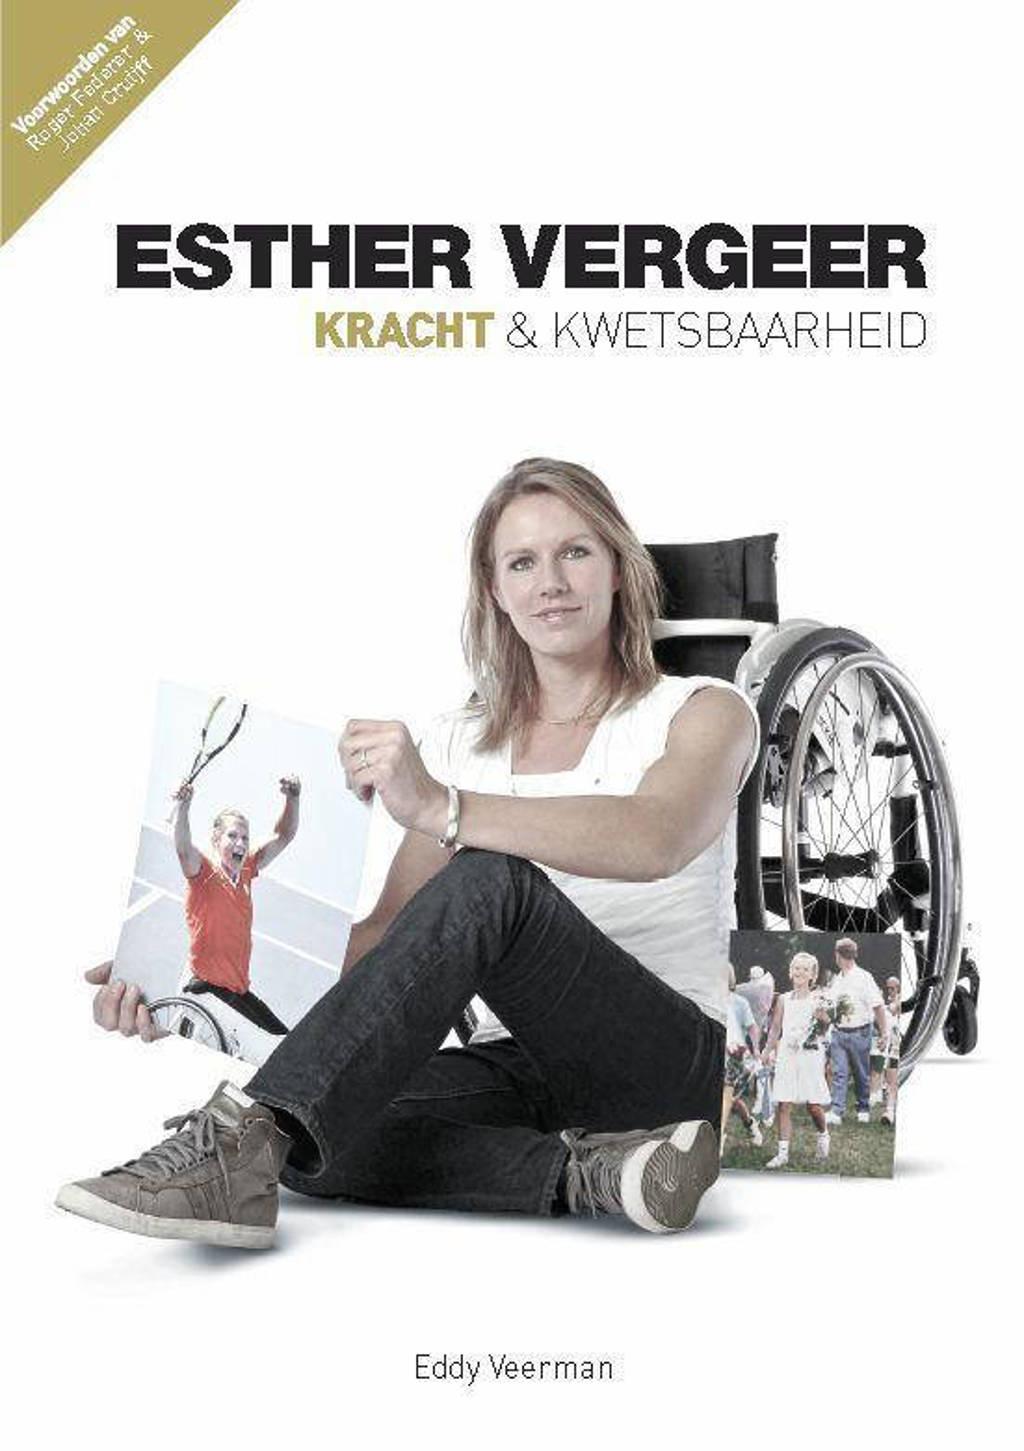 Esther Vergeer - Eddy Veerman